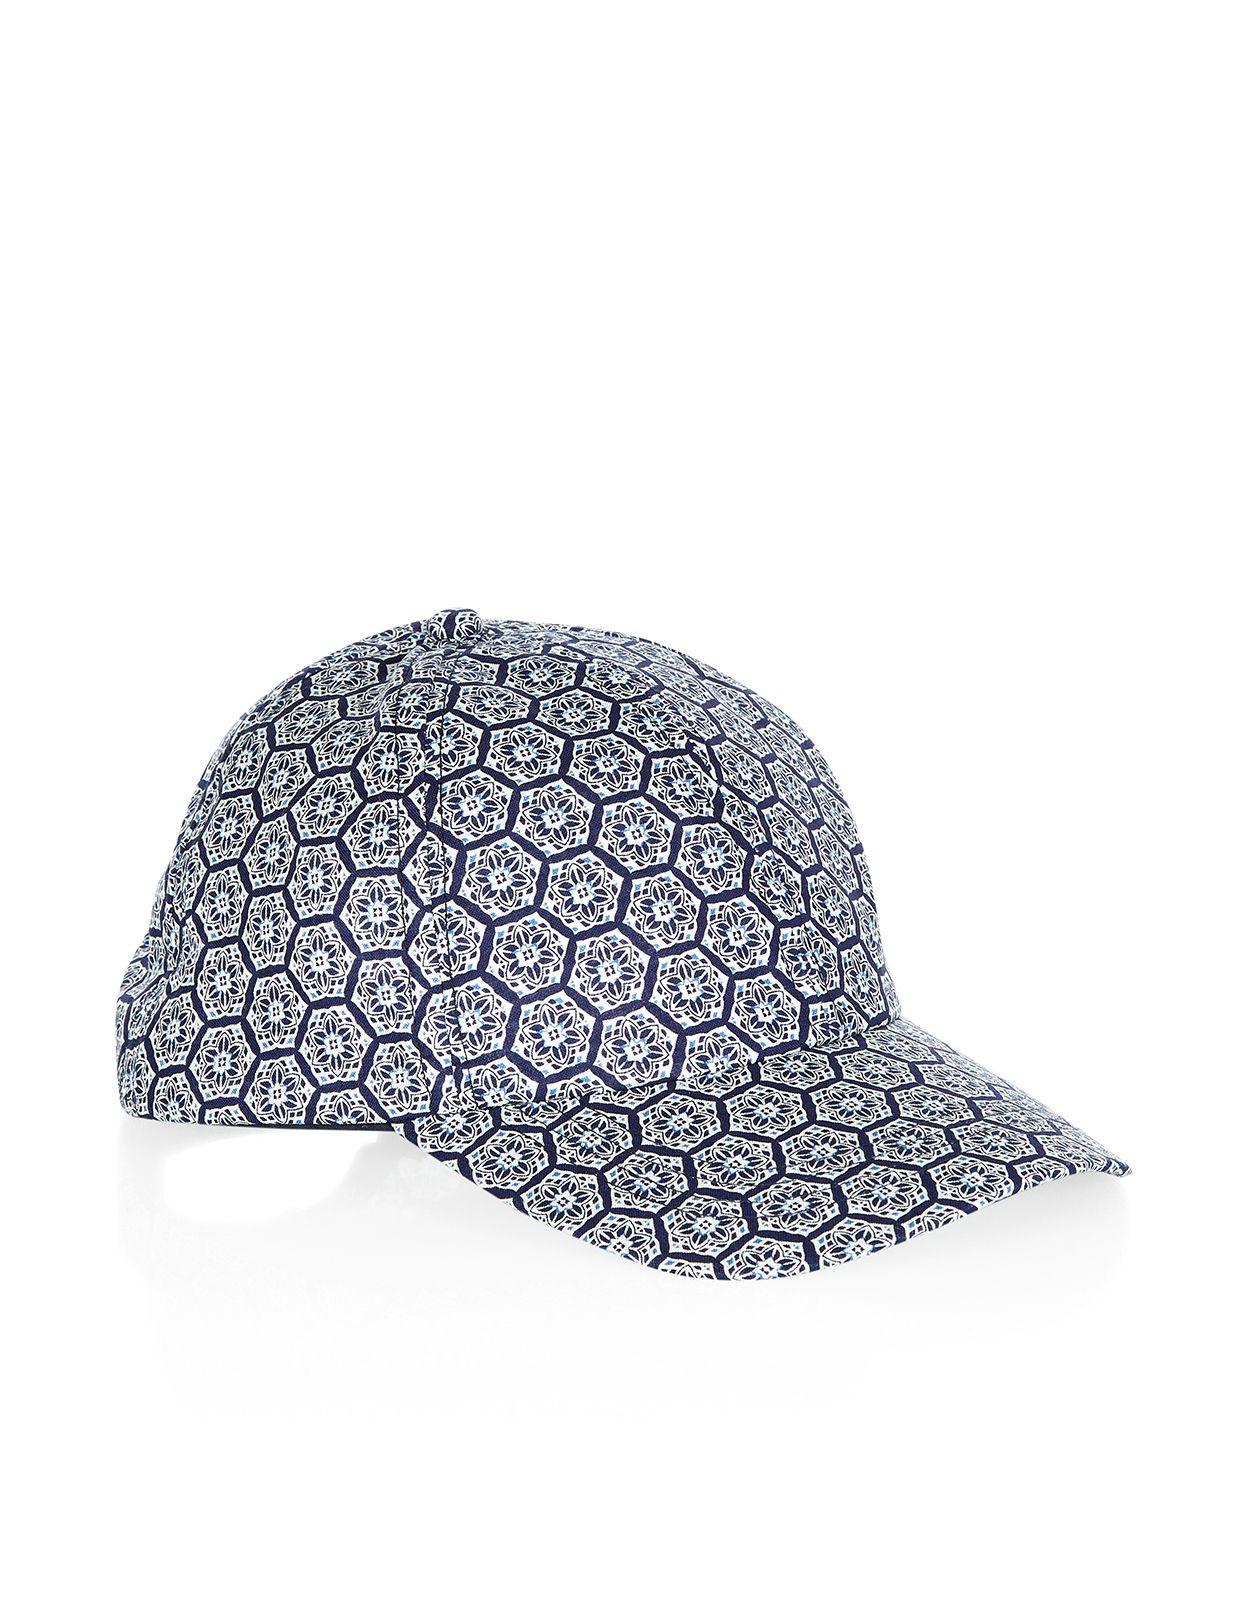 Casablanca Tile Print Baseball Cap